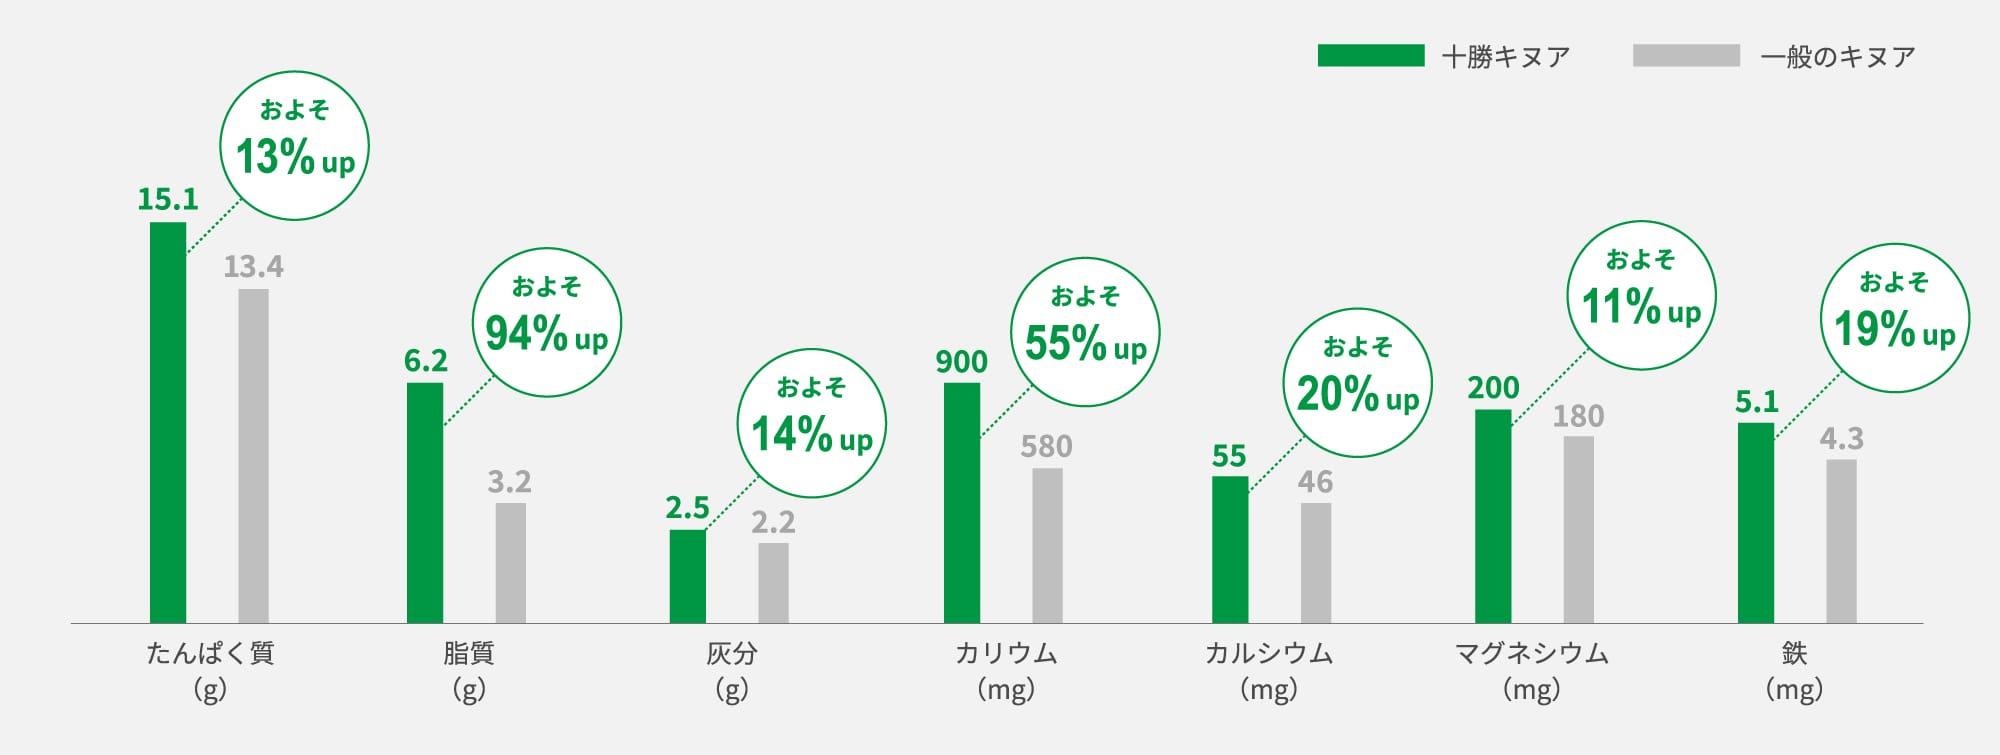 一般のキヌアと比べてタンパク質などの栄養素がちょっとずつ多いグラフ